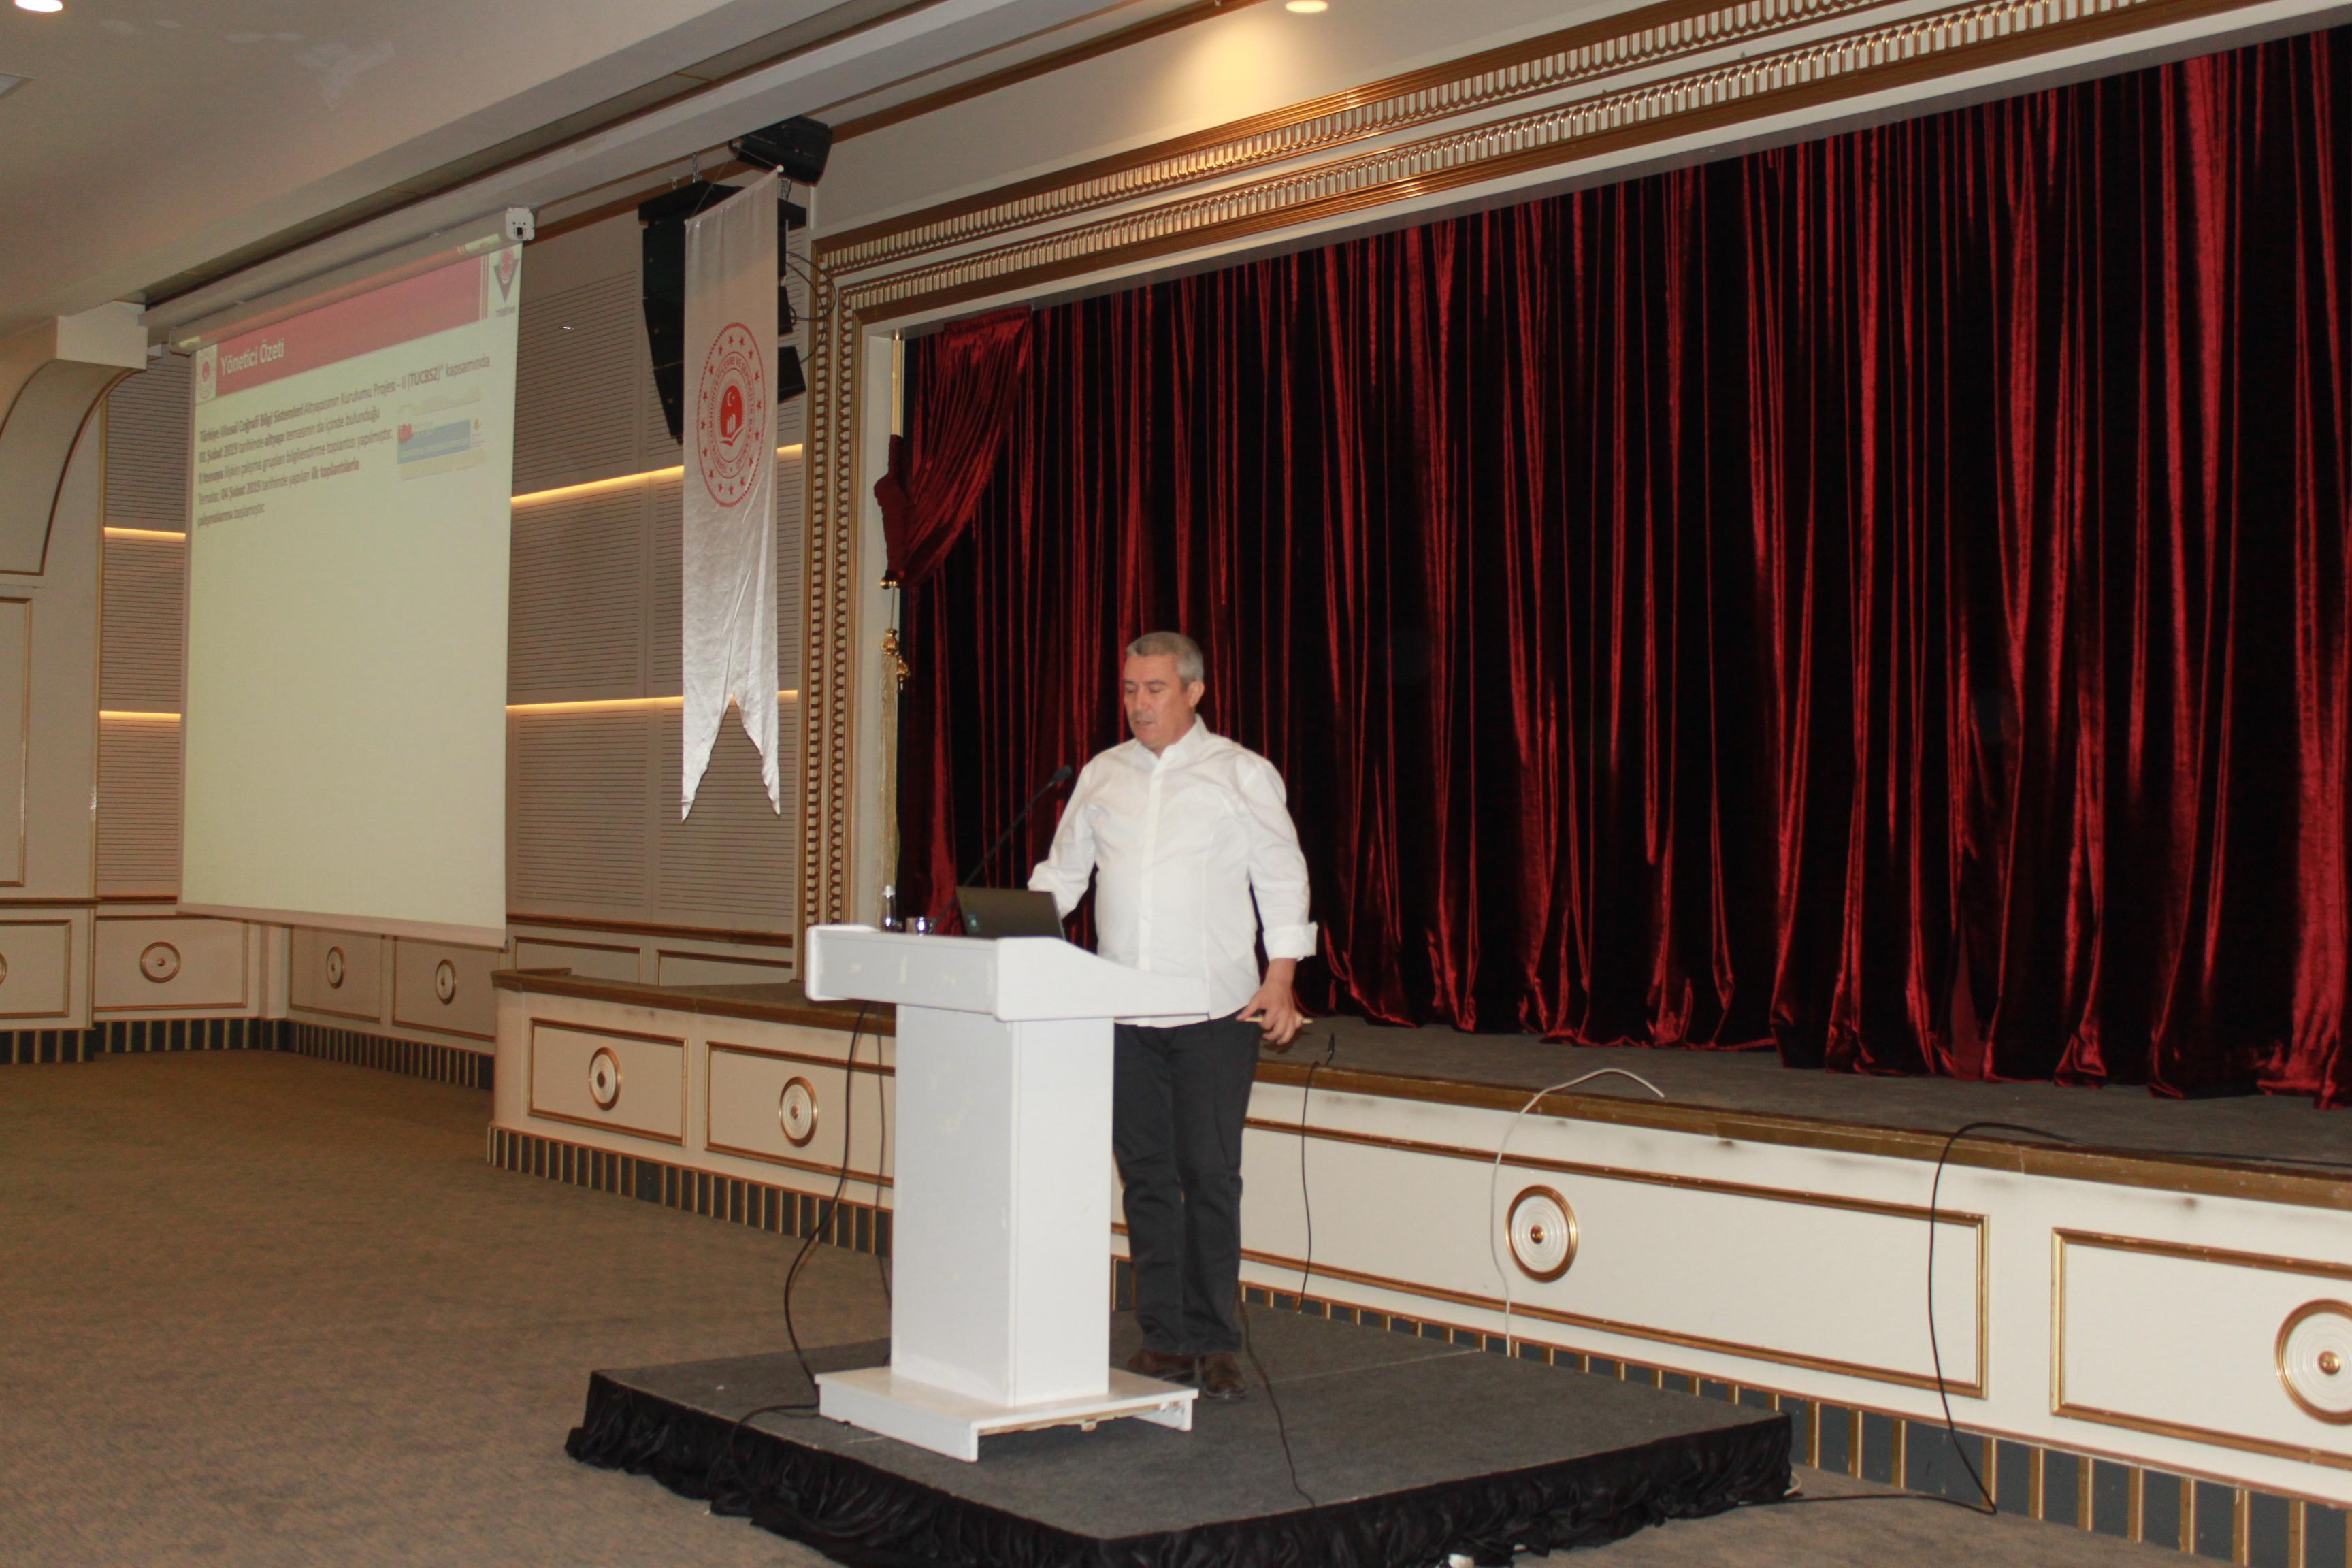 Coğrafi Veri Temaları Standartları Bilgilendirme ve Değerlendirme Çalıştayı Yapıldı.